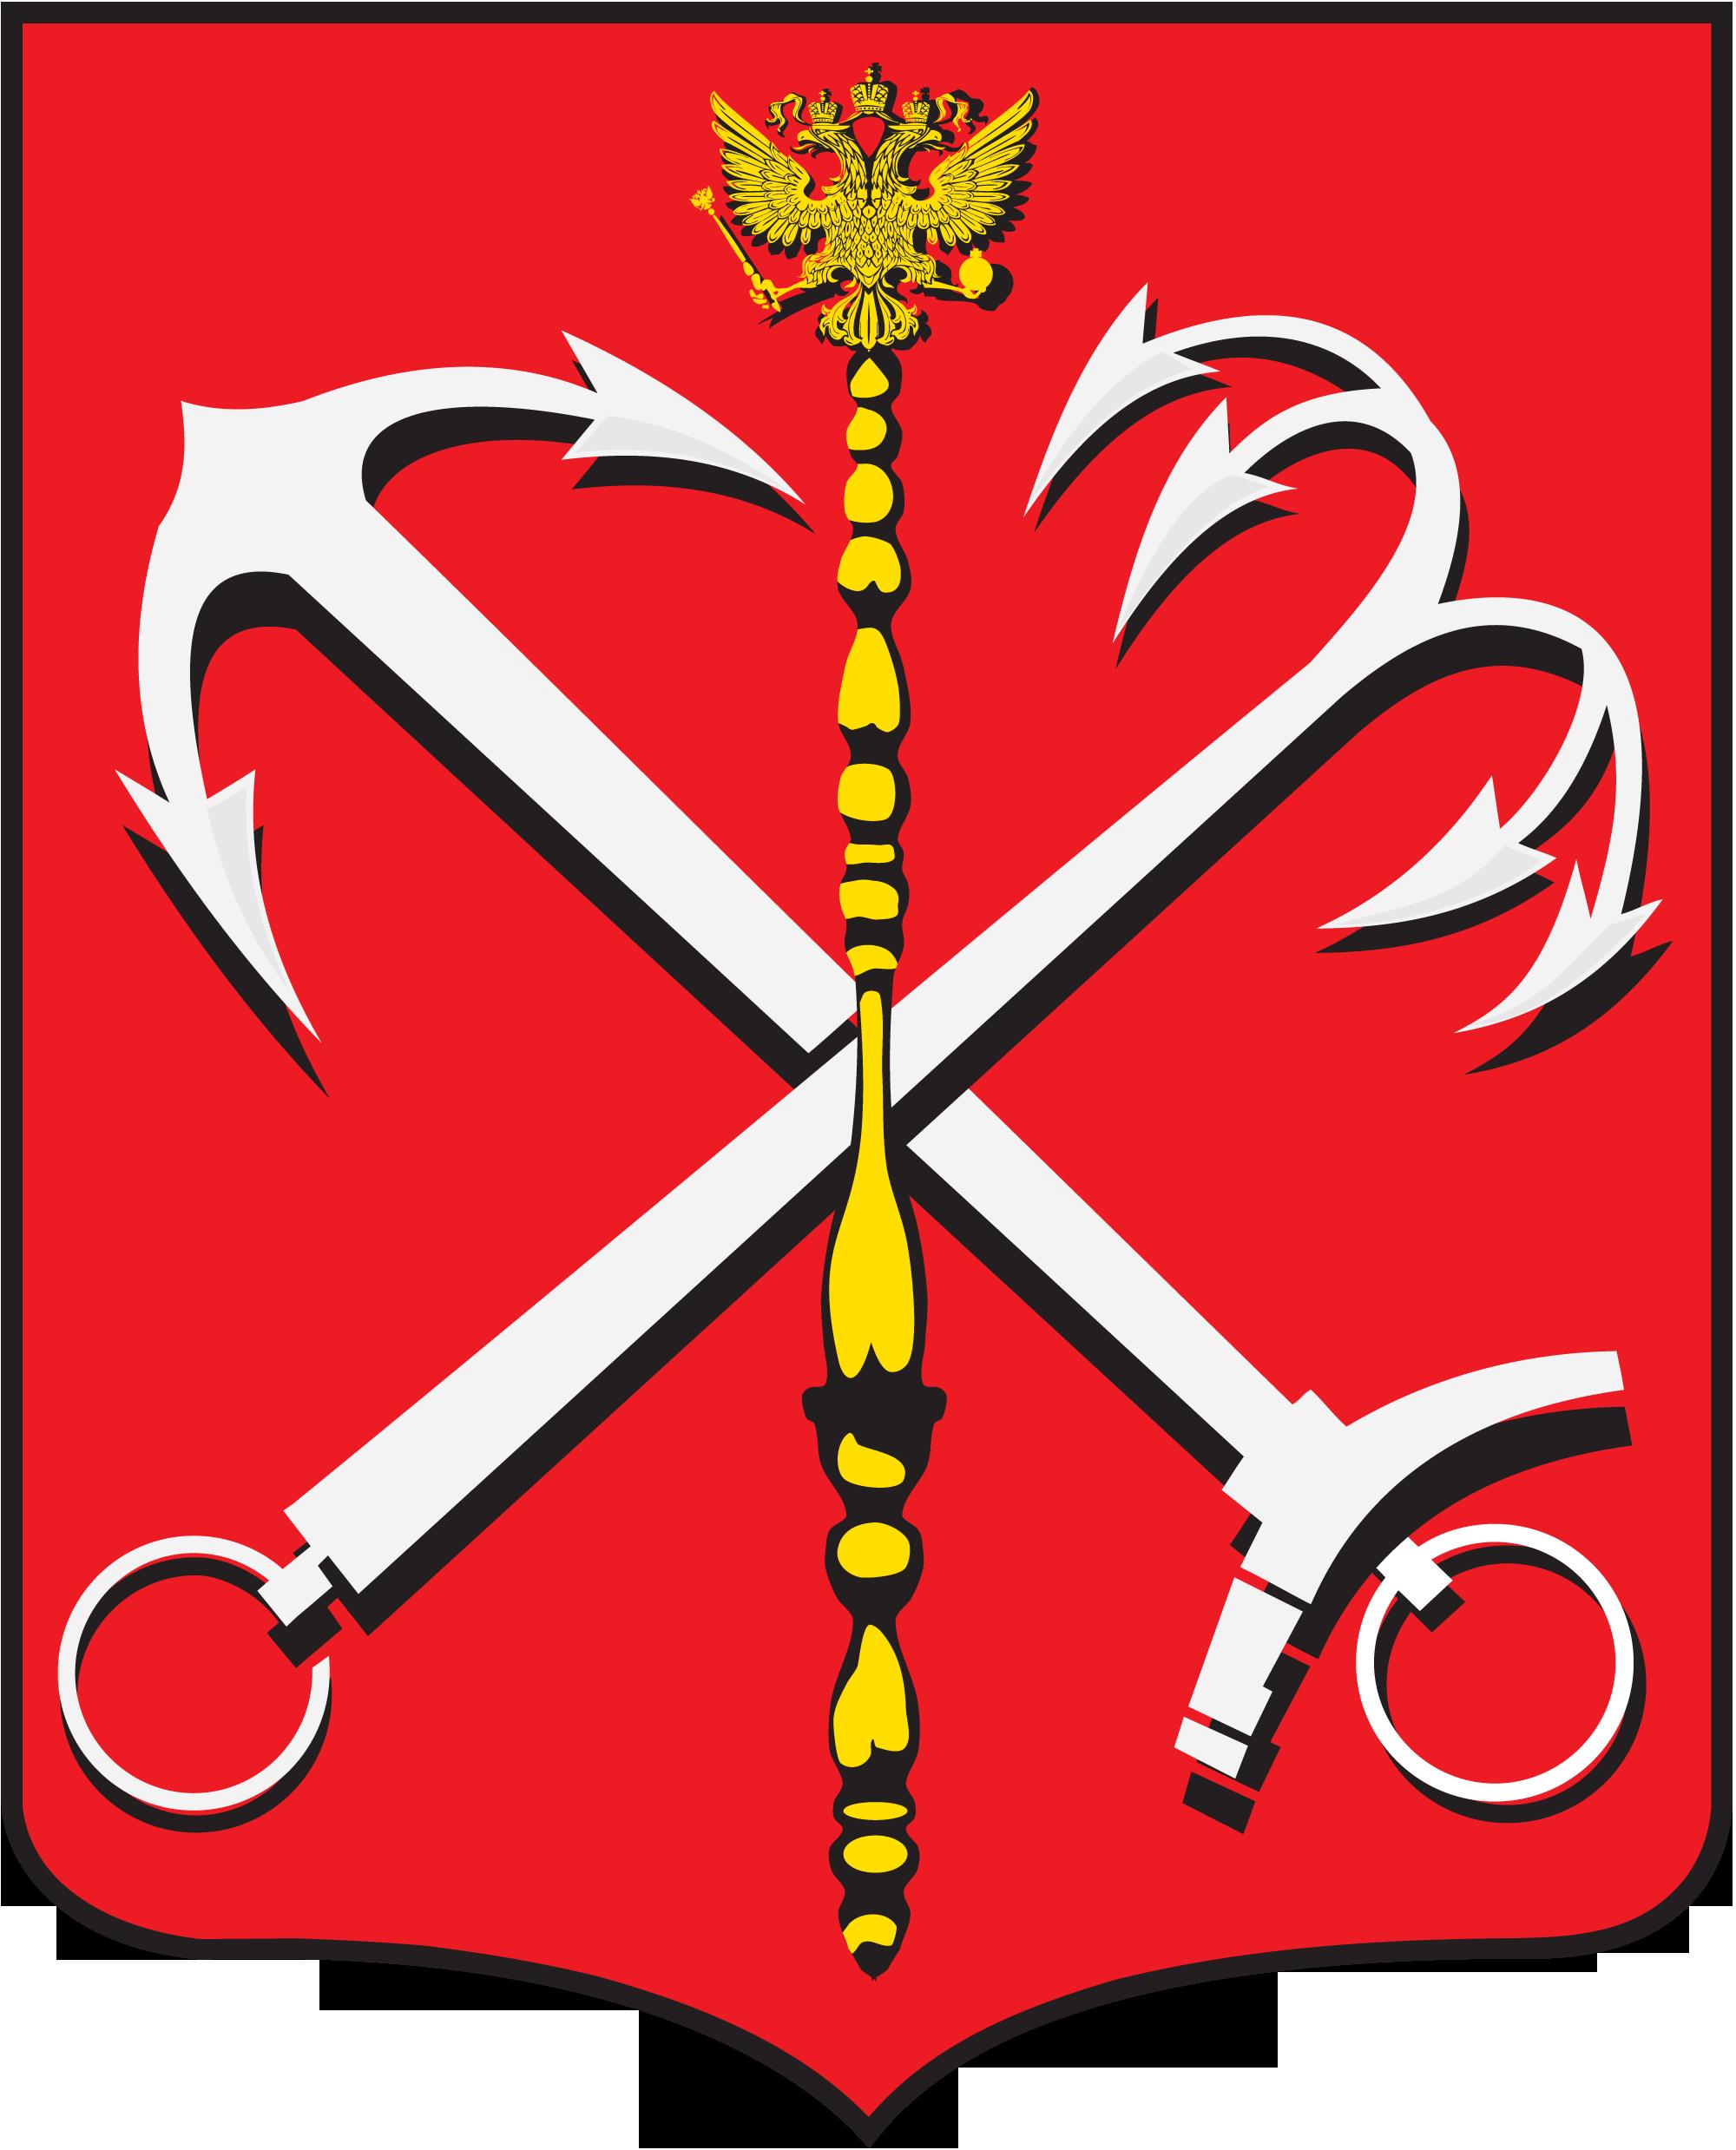 Герб Санкт-Петербурга (Питера)